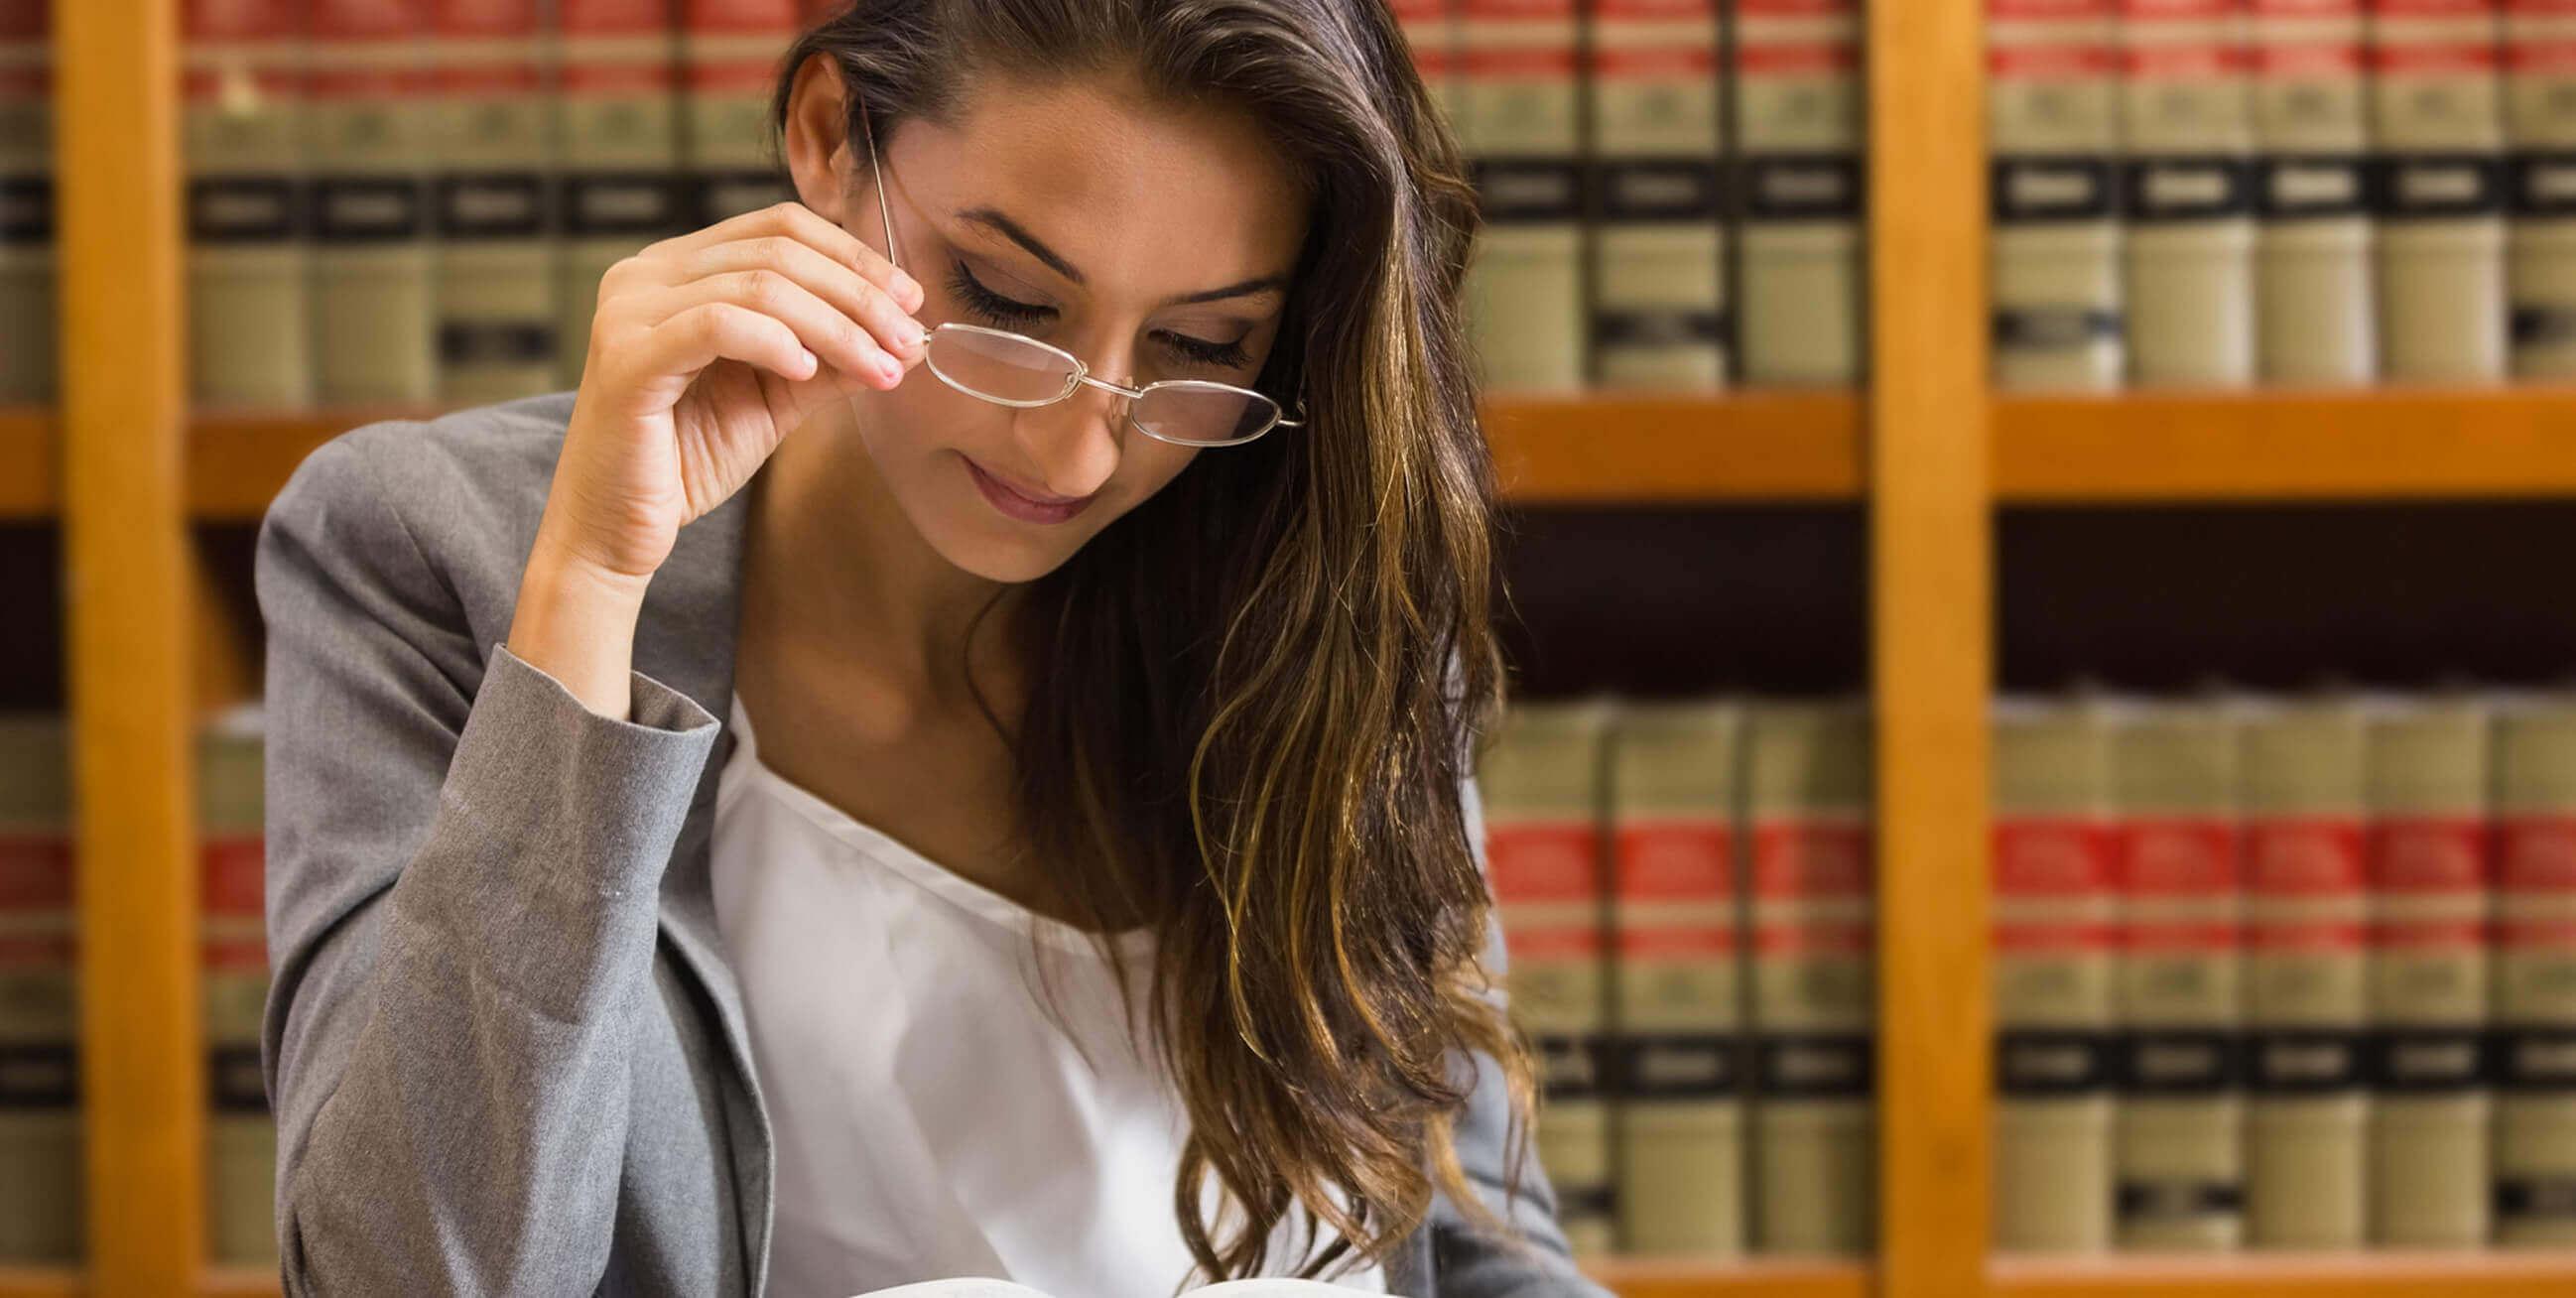 Legal Studies Minor